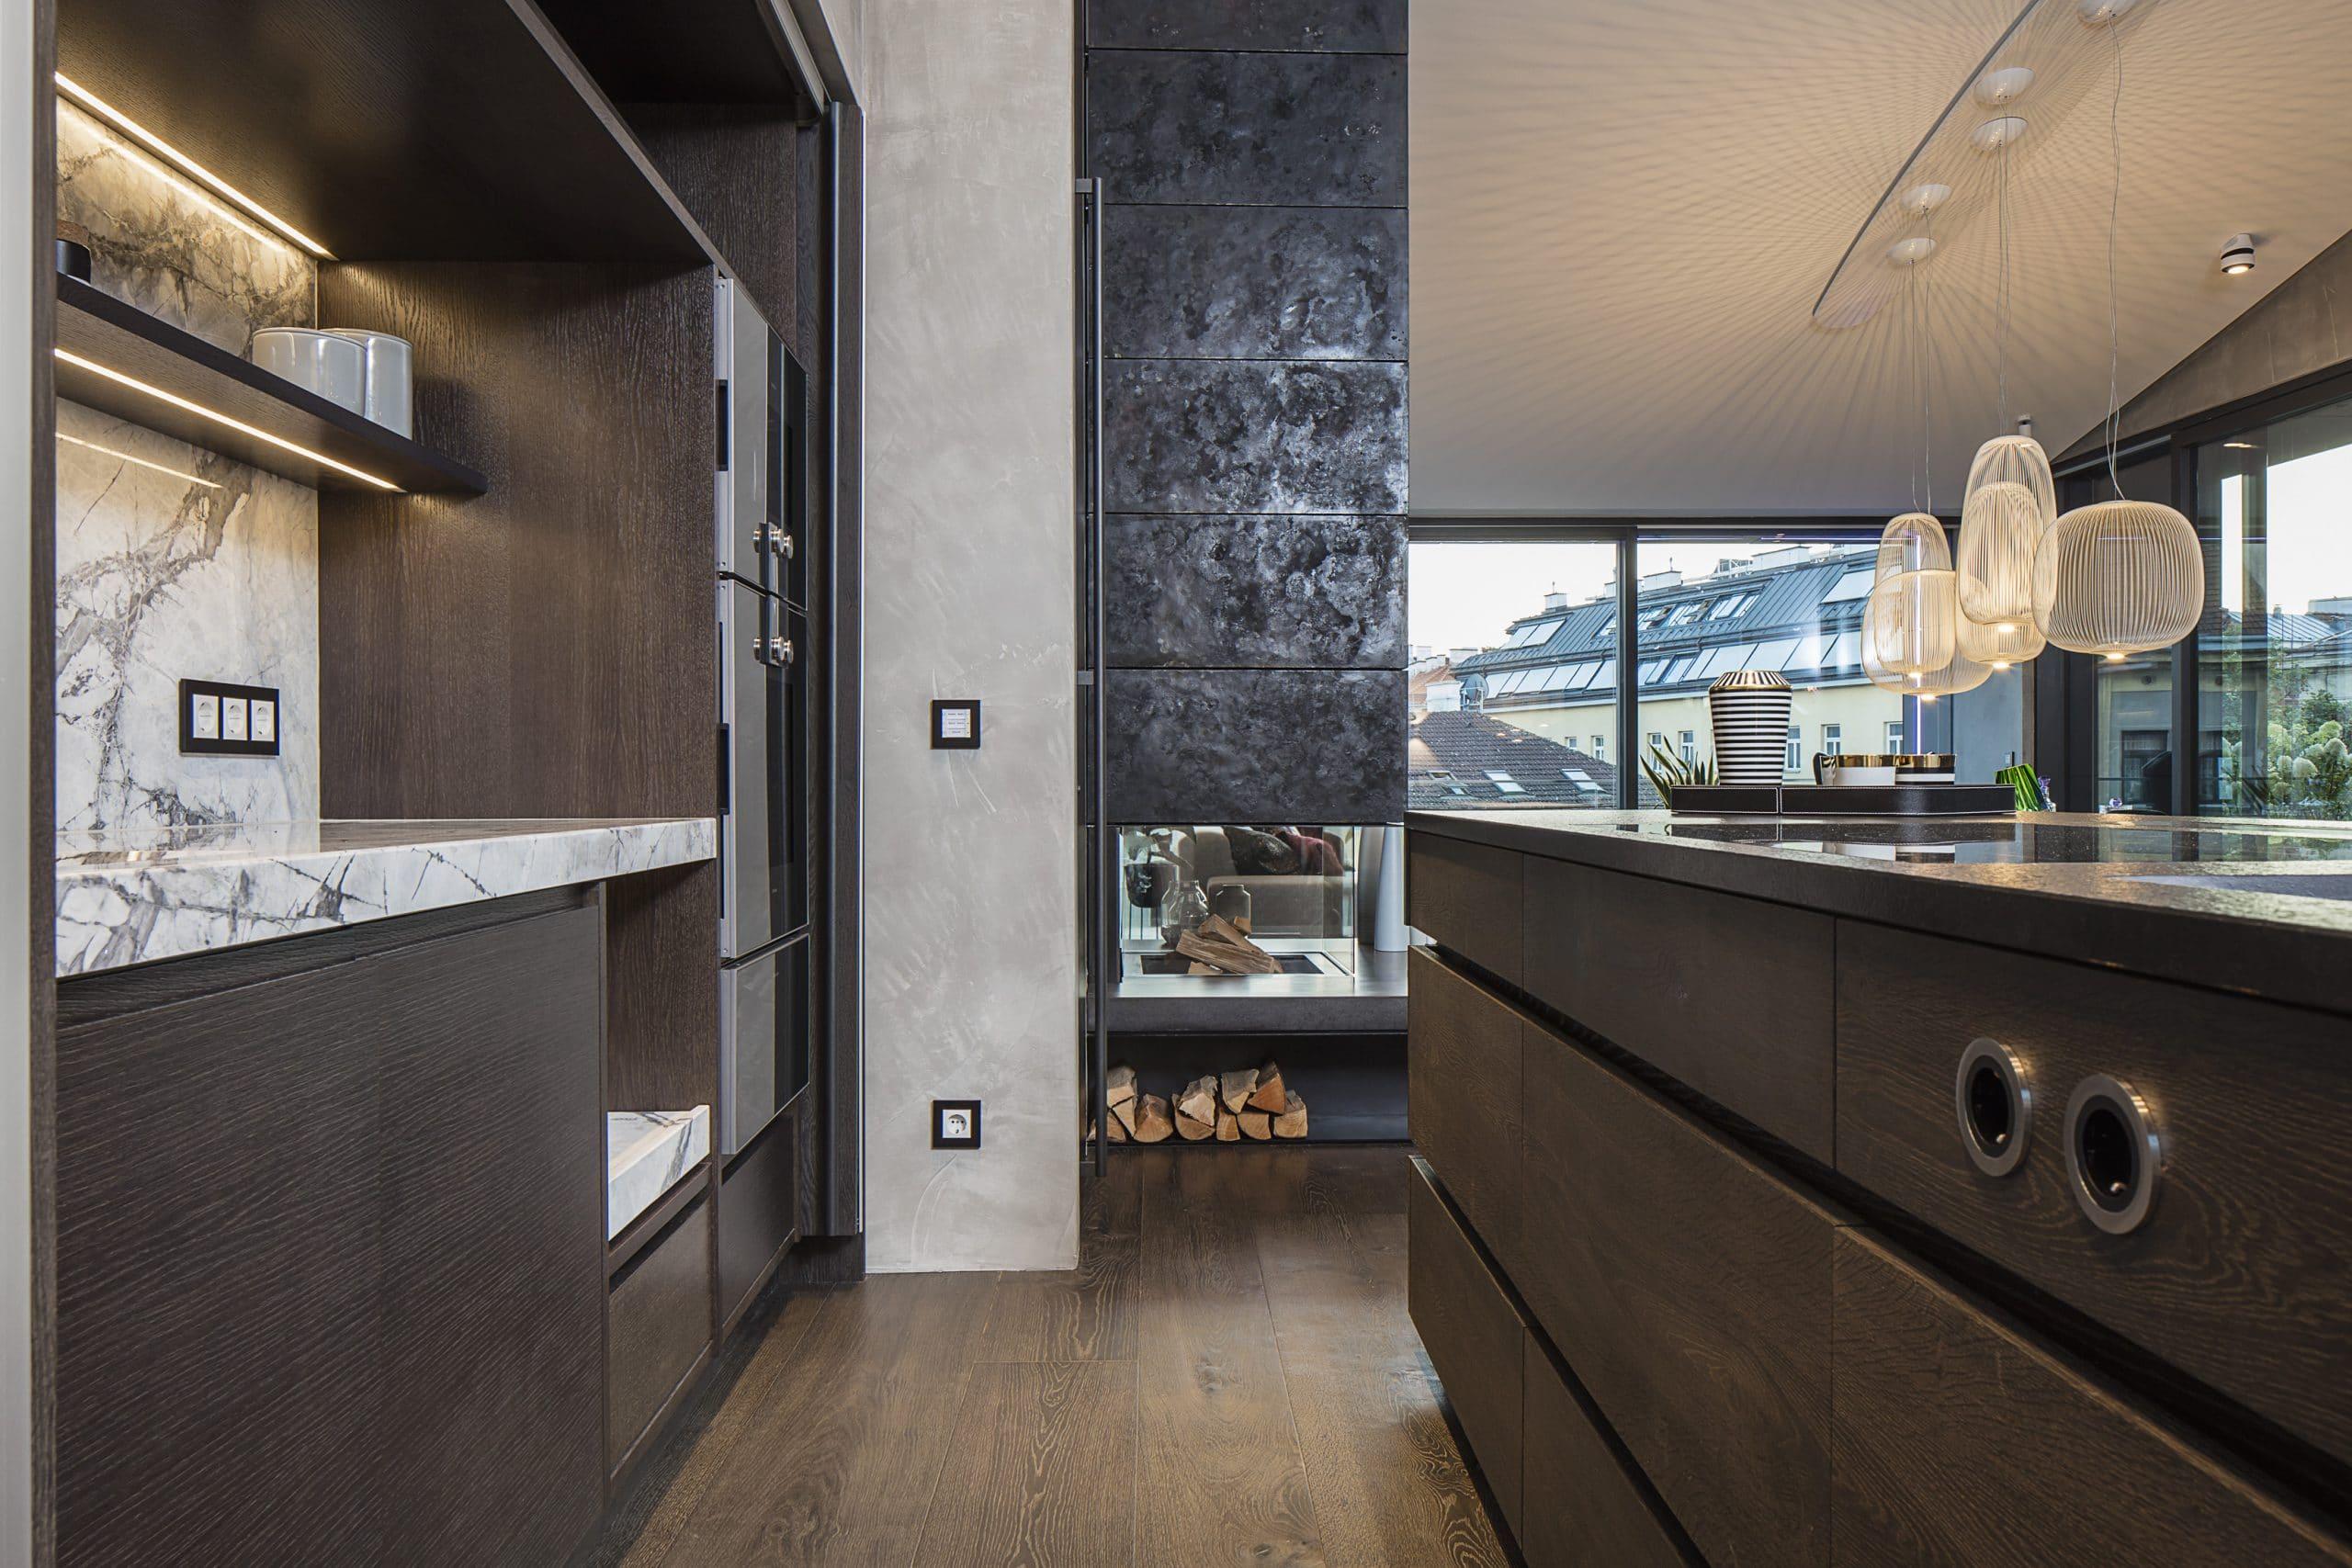 """Die Showloft-Küche im FORMDEPOT, 1160 Wien, setzt auf starke Präsenz, aber Wandlungsfähigkeit. Als Theke, Barelement oder vollwertige Küche ist sie optisch und funktional immer im Zentrum. Wichtiger Akzent: die elegante und """"gewichtige"""" Steinhaube aus schwarzem Basalt (Nero Assoluto)."""